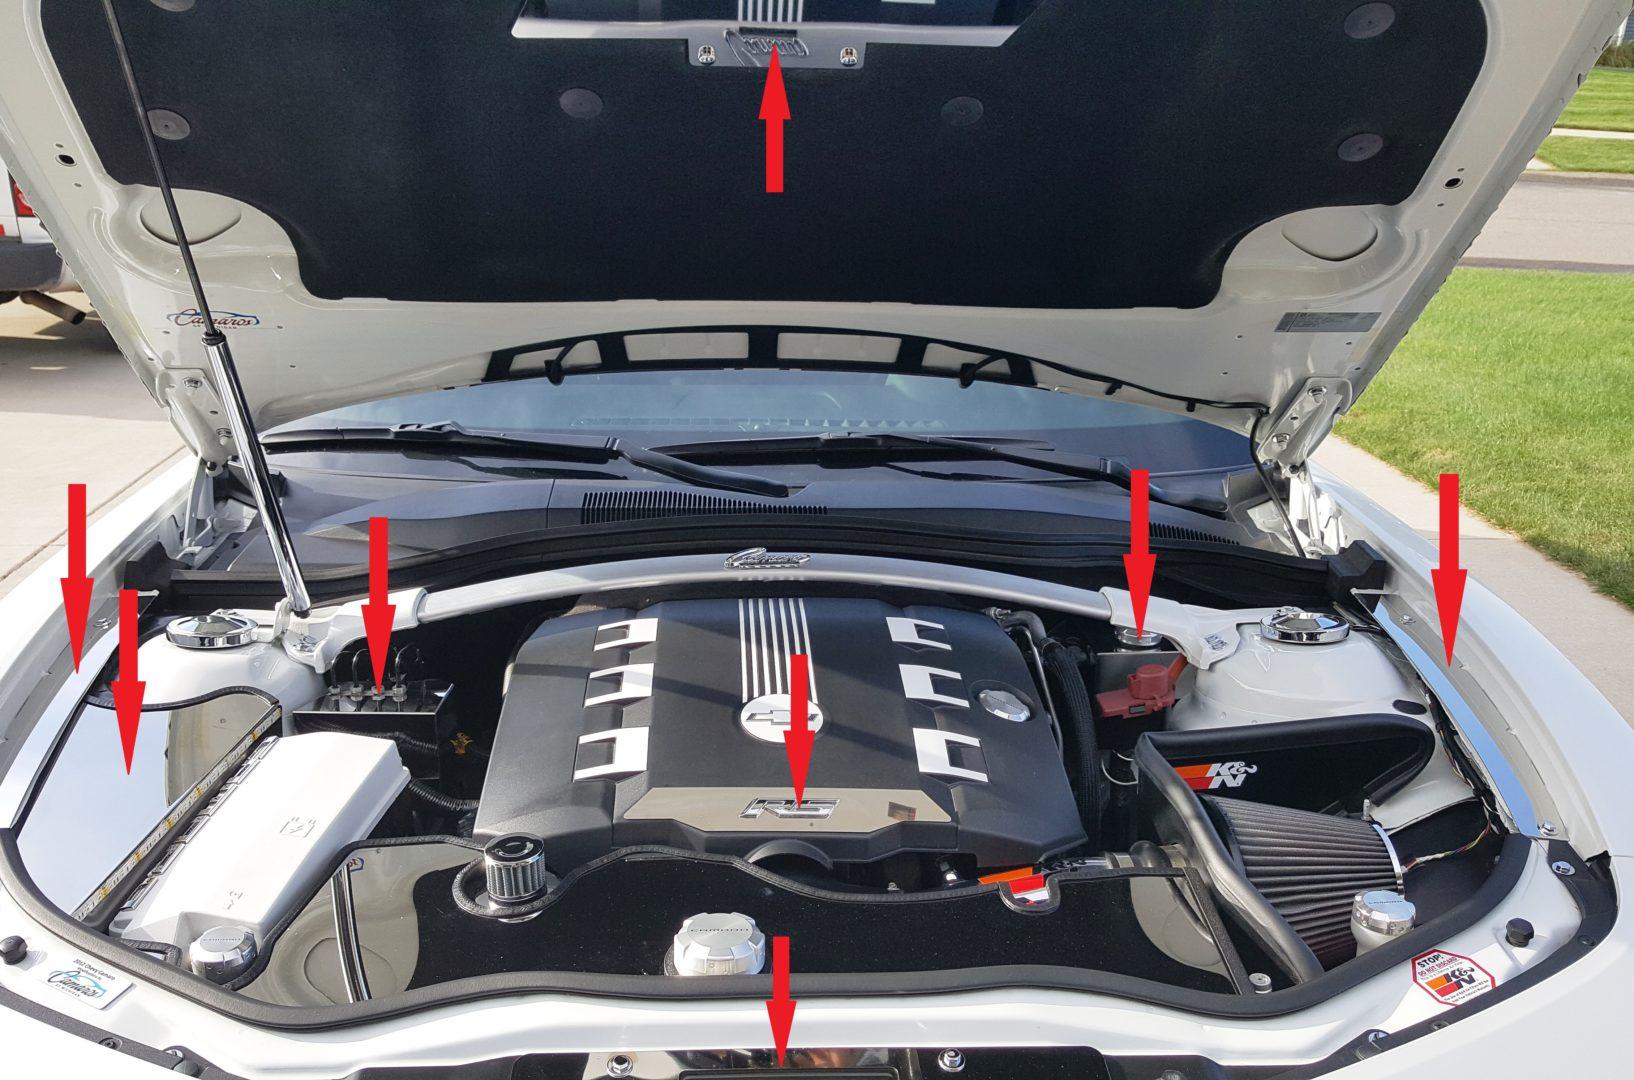 2010 2014 5th Gen Camaro V6 V8 Mirrored Stainless Steel Engine. 2010 2014 5th Gen Camaro. Wiring. 2010 Camaro Trunk Wiring Harness At Scoala.co